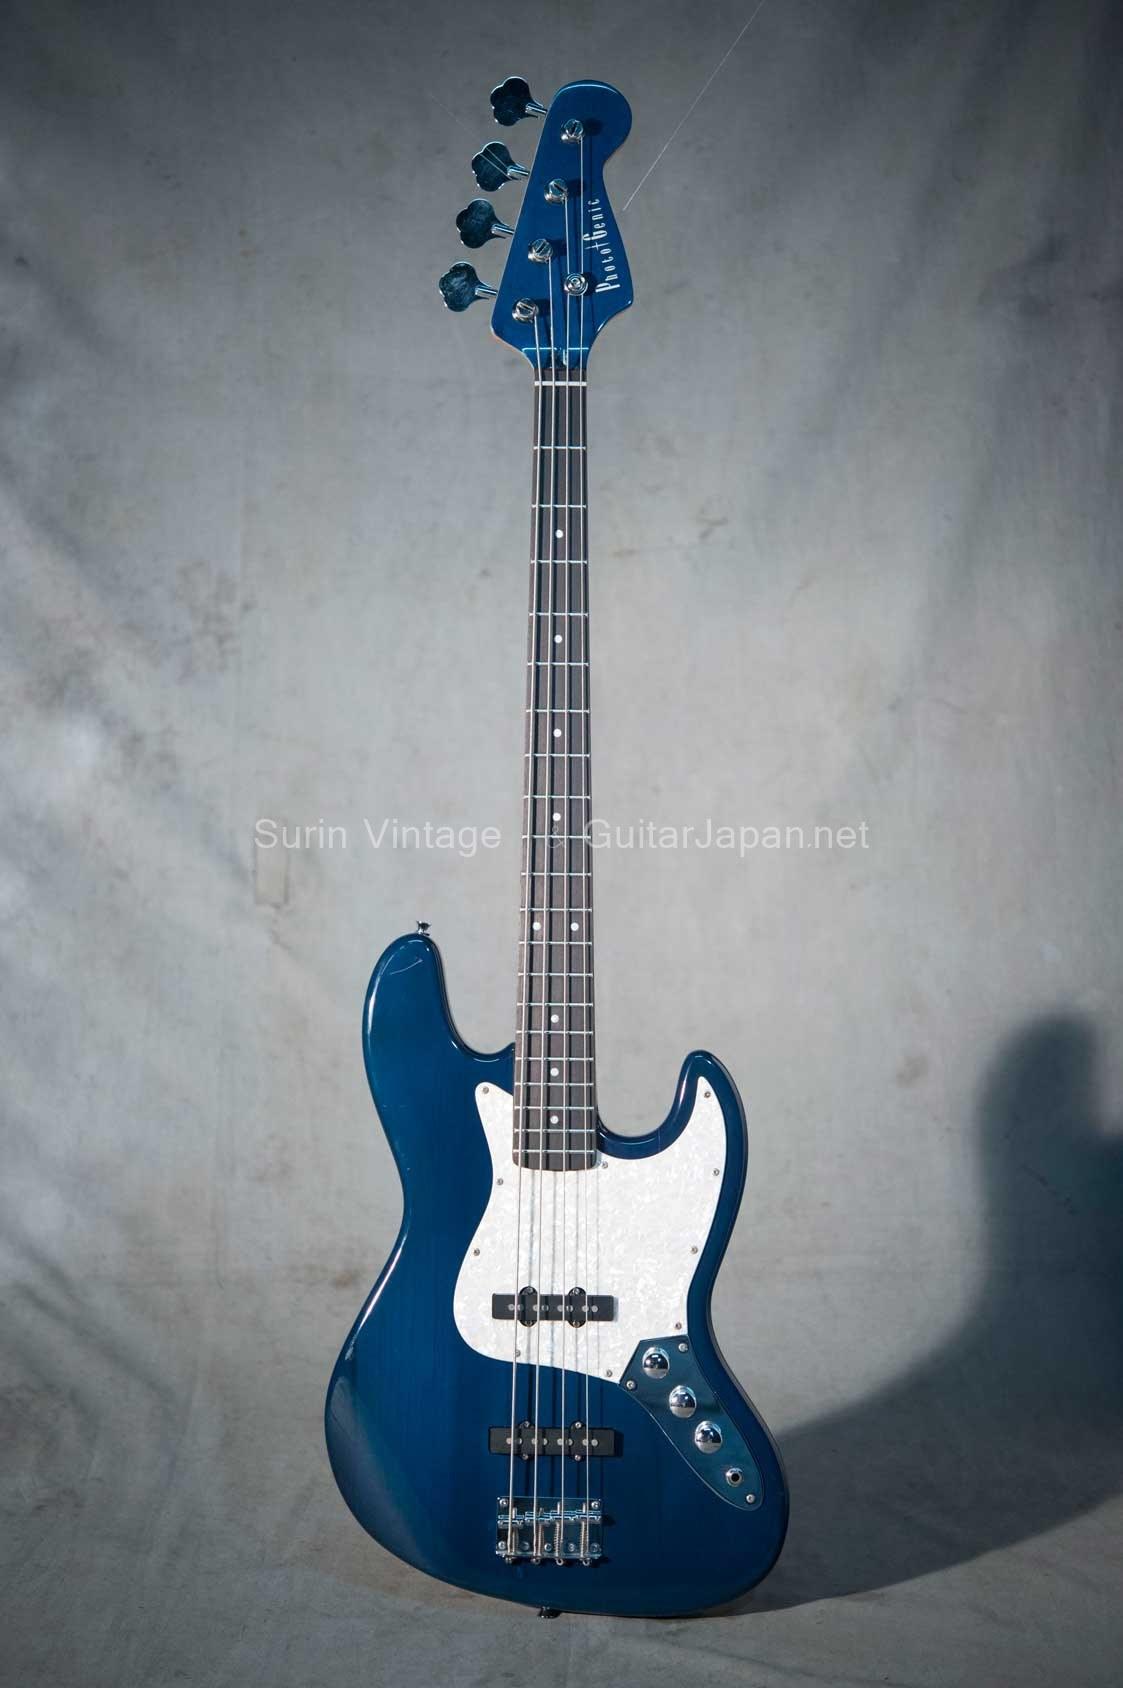 กีต้าร์ Bass ไฟฟ้ามือสอง Photogenic JazzBass No.8